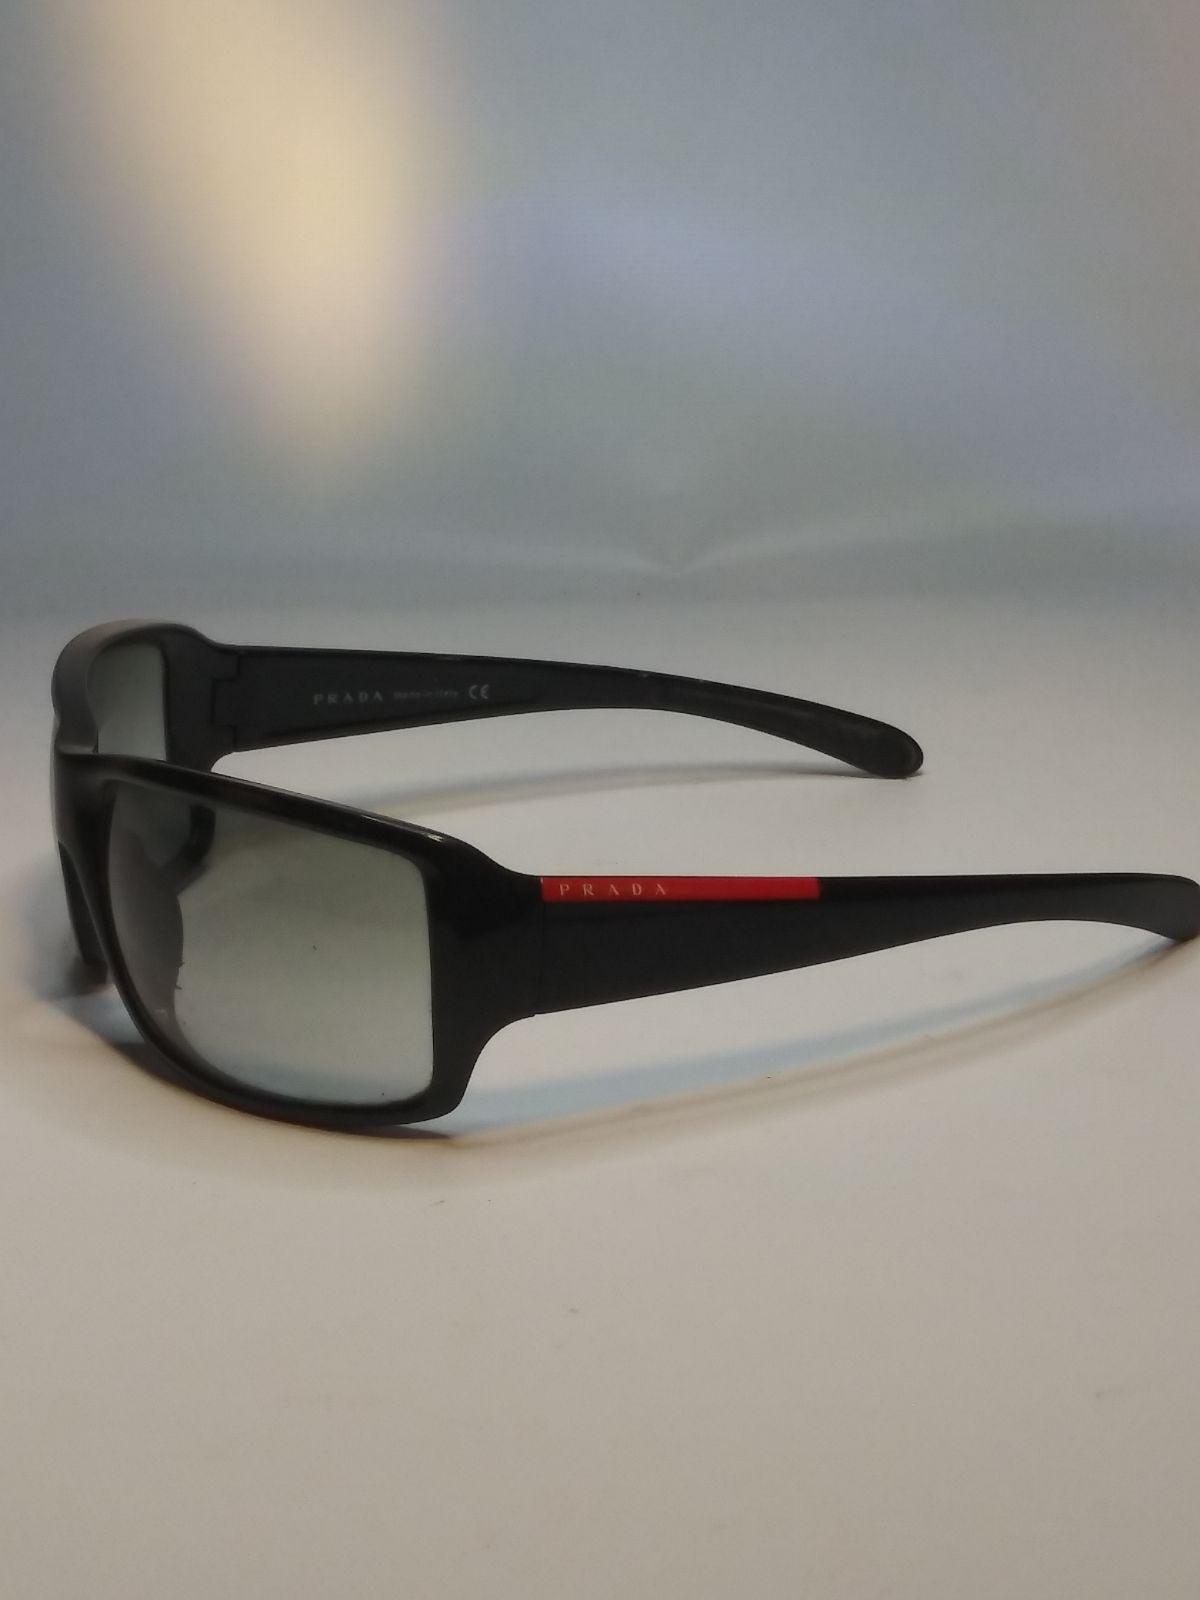 Very Nice PRADA Sunglasses